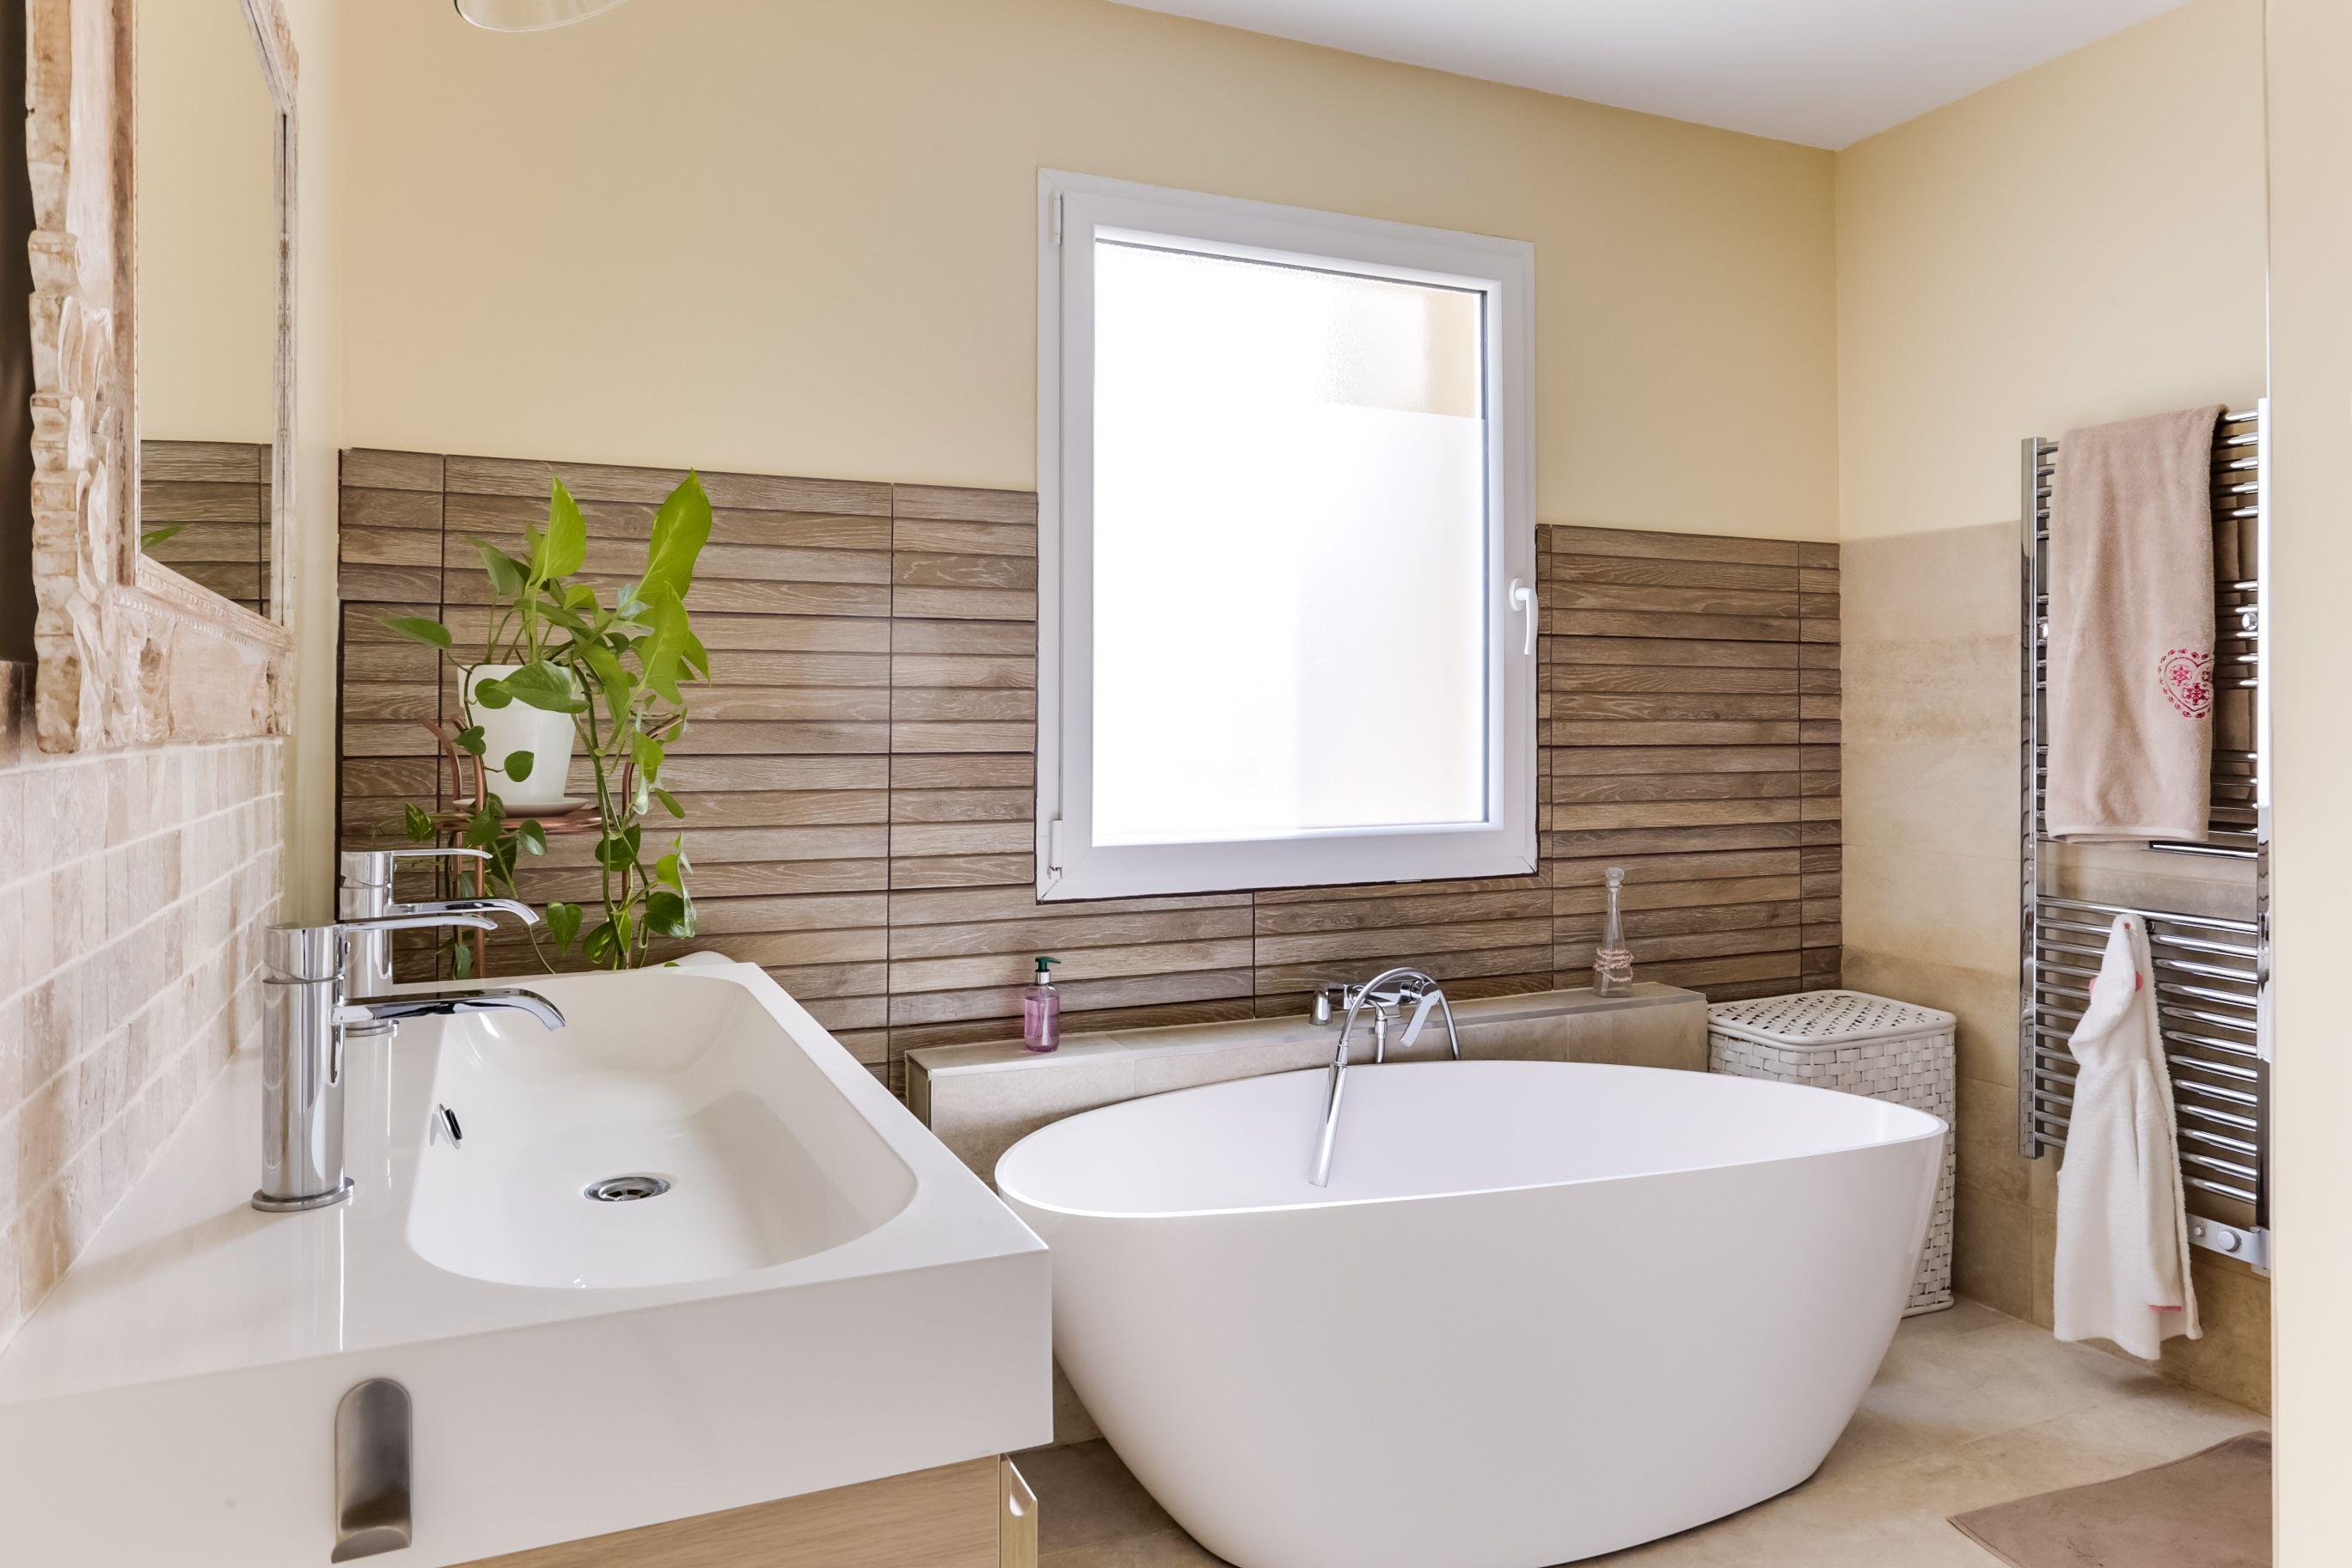 Salle De Bain Avec Bois jolie salle de bains sur-mesure : avec baignoire îlot